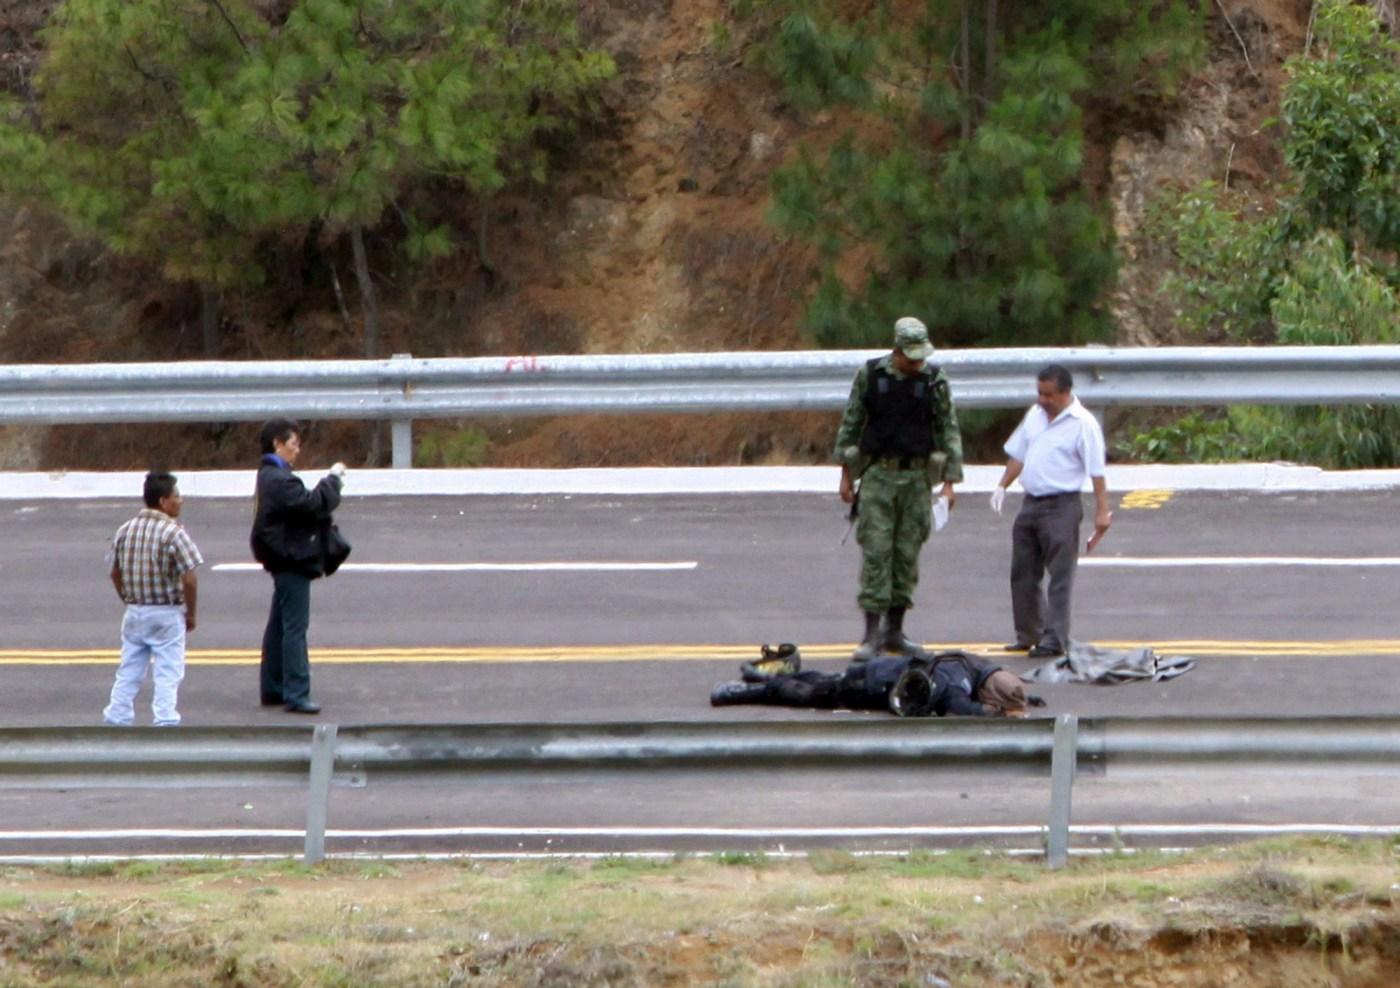 Investigadores forenses y militar investigan el lugar de los hechos.